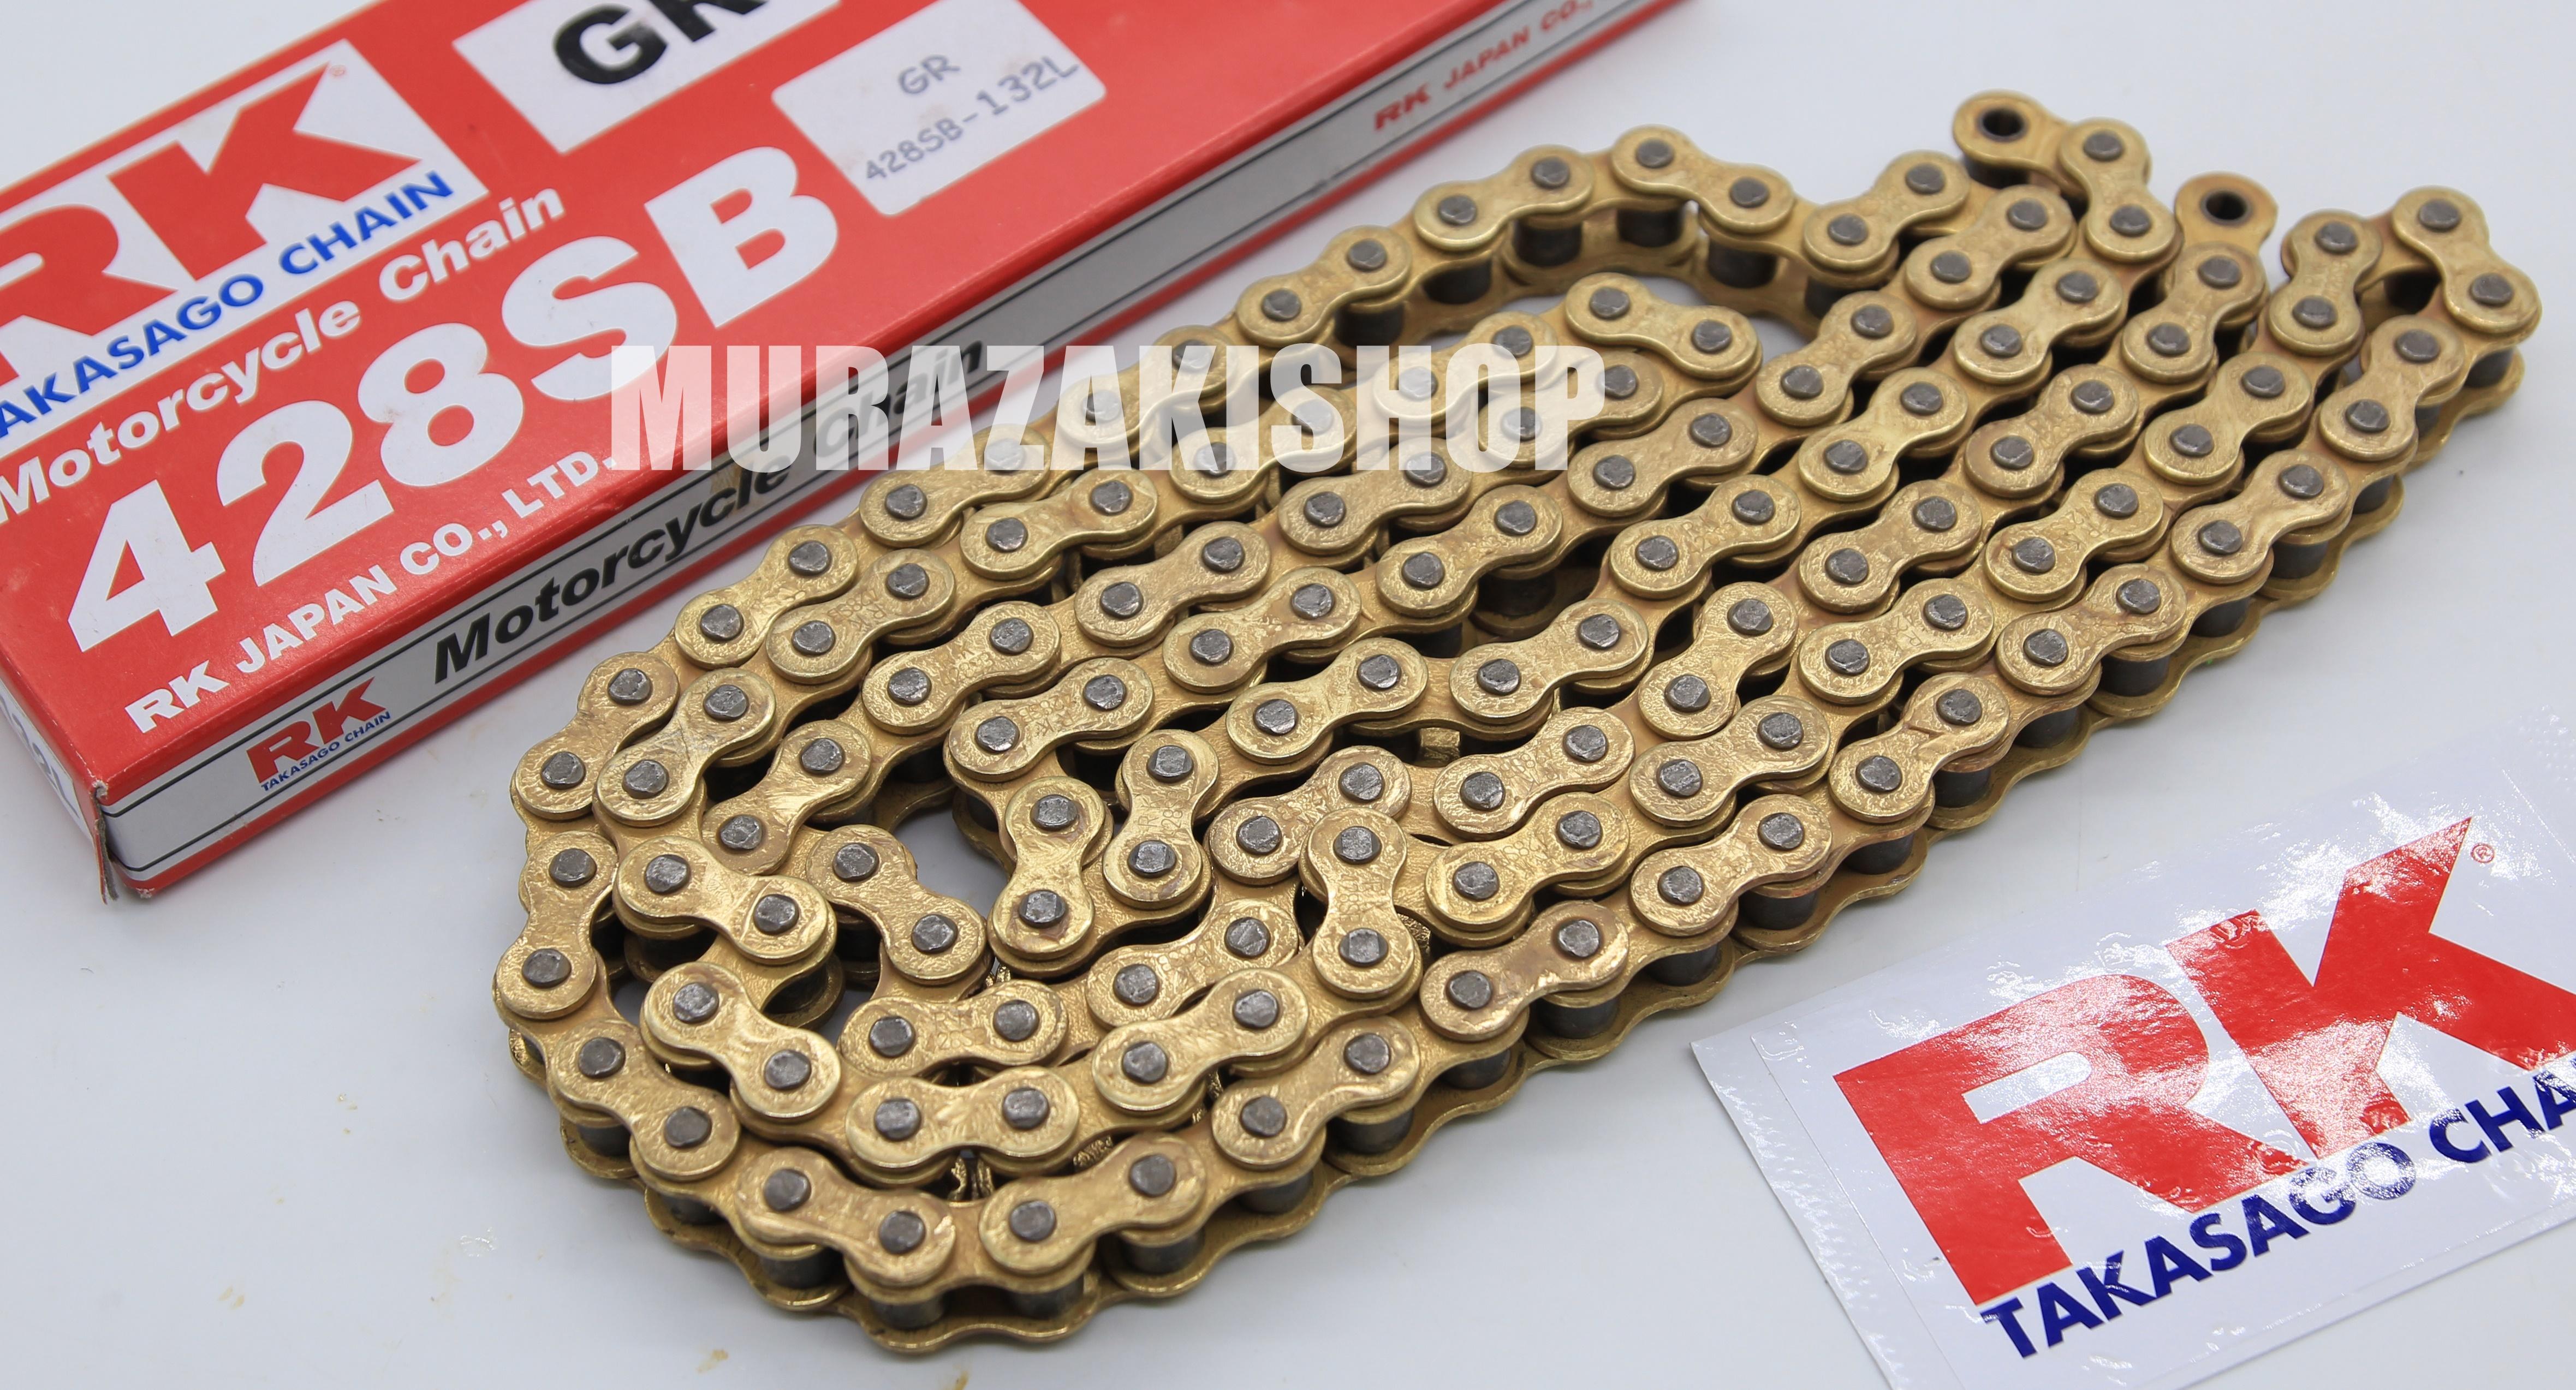 โซ่ RK 428 โซ่ RK ทองนอกใน ราคา720